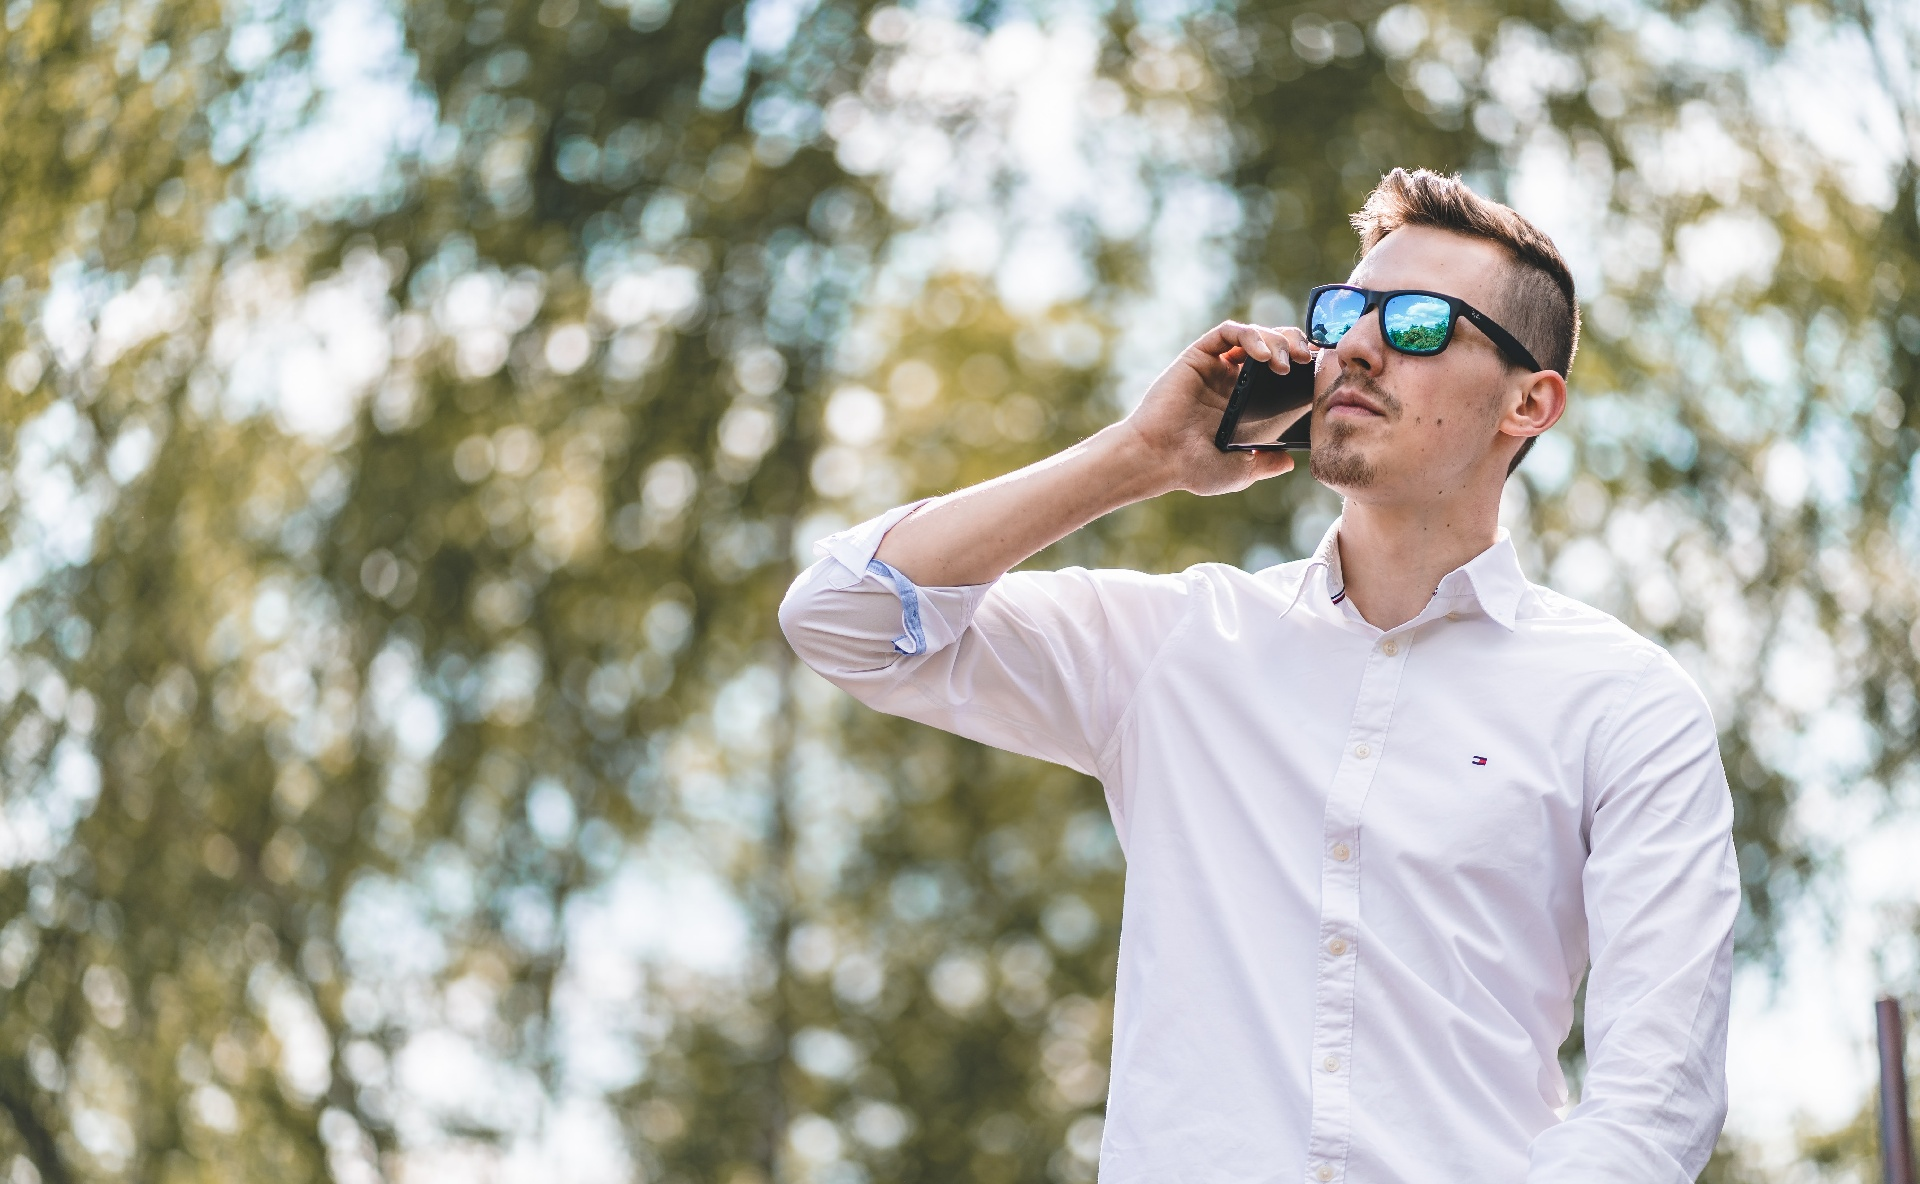 """""""Sprachsysteme-Report 2021"""": Sprachcomputer setzen den endlosen Warteschlaufen ein Ende_cmm360_Photo by Philipp Lansing on Unsplash"""